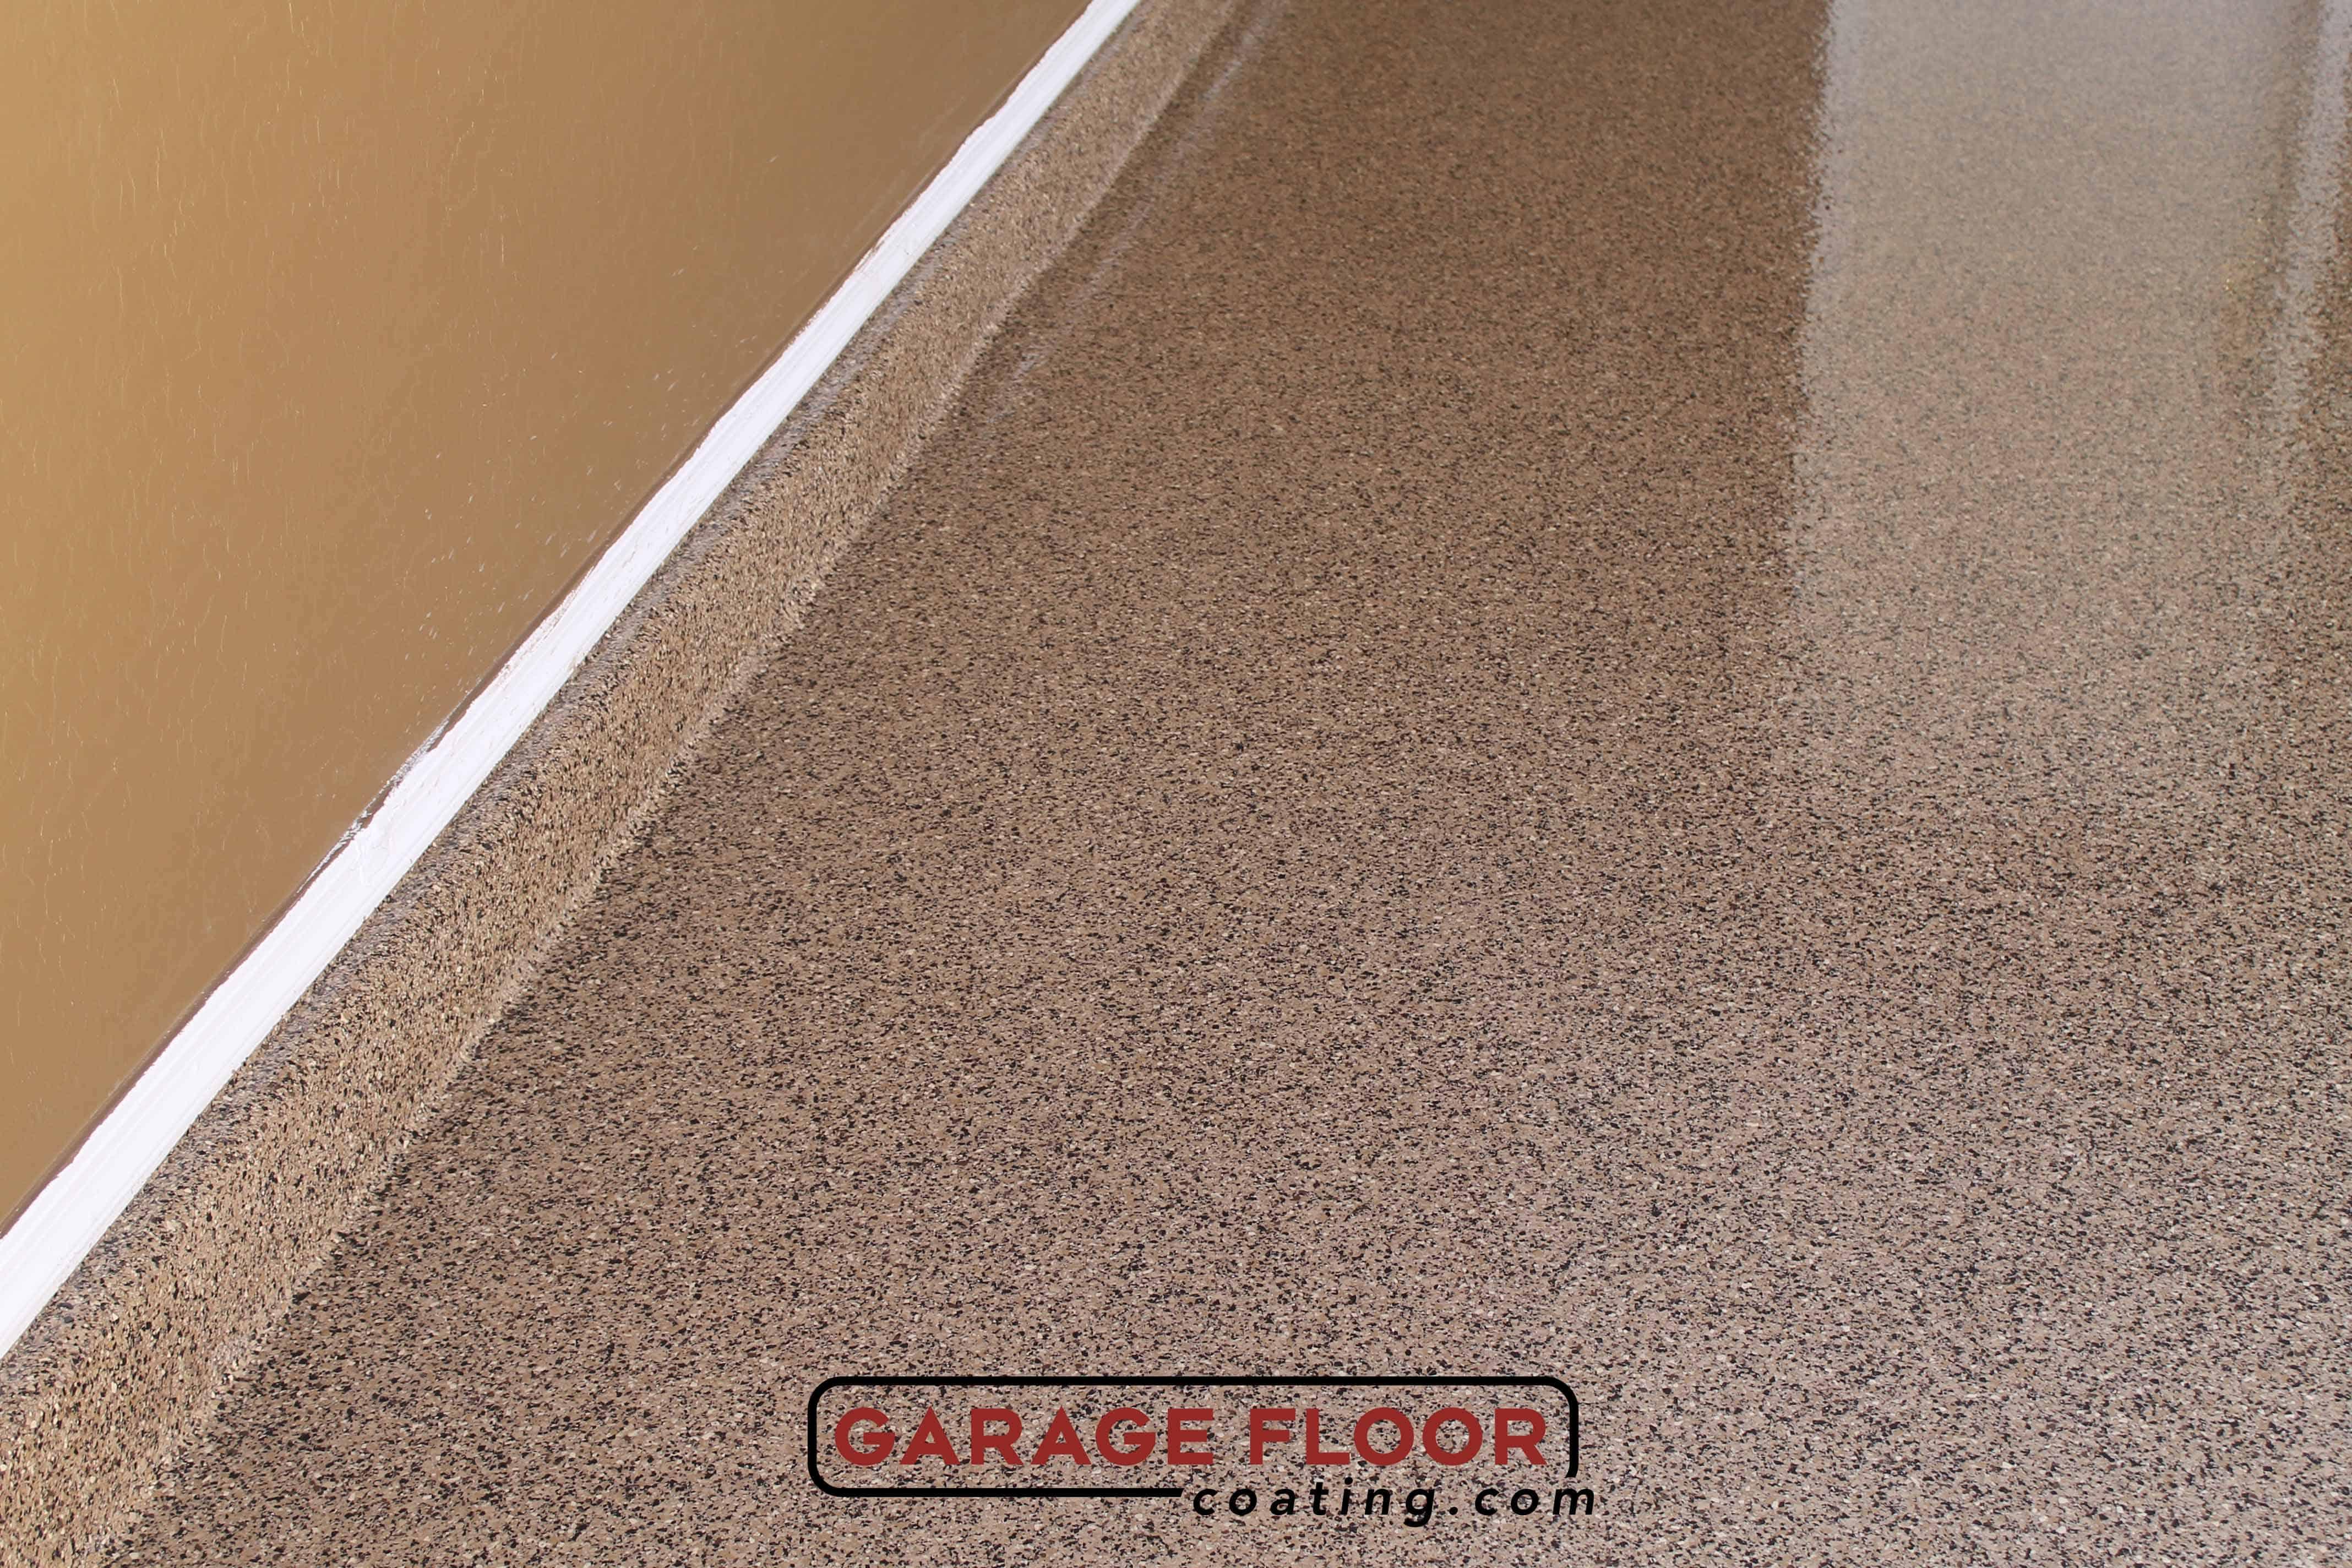 Garage Rubber Coating Comfy Home Design